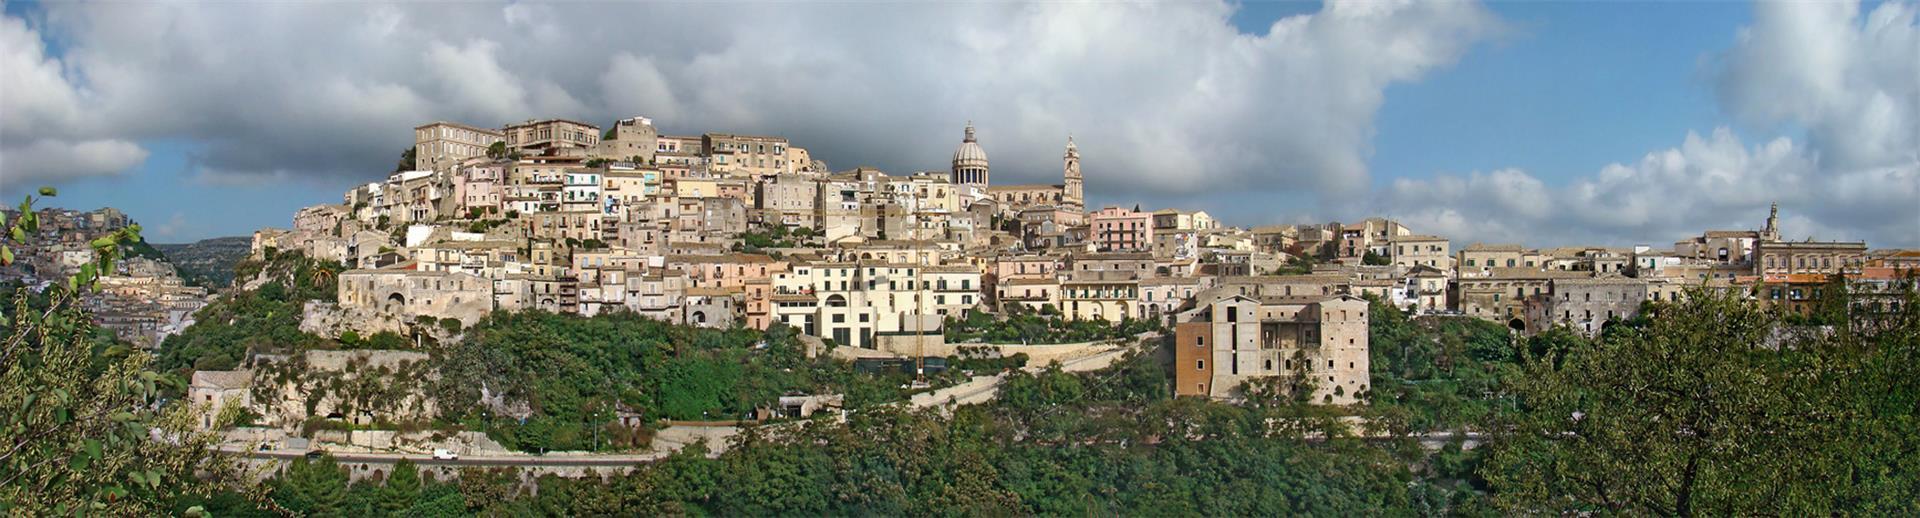 Vieni a visitare le città del Val di Noto patrimonio dell'UNESCO